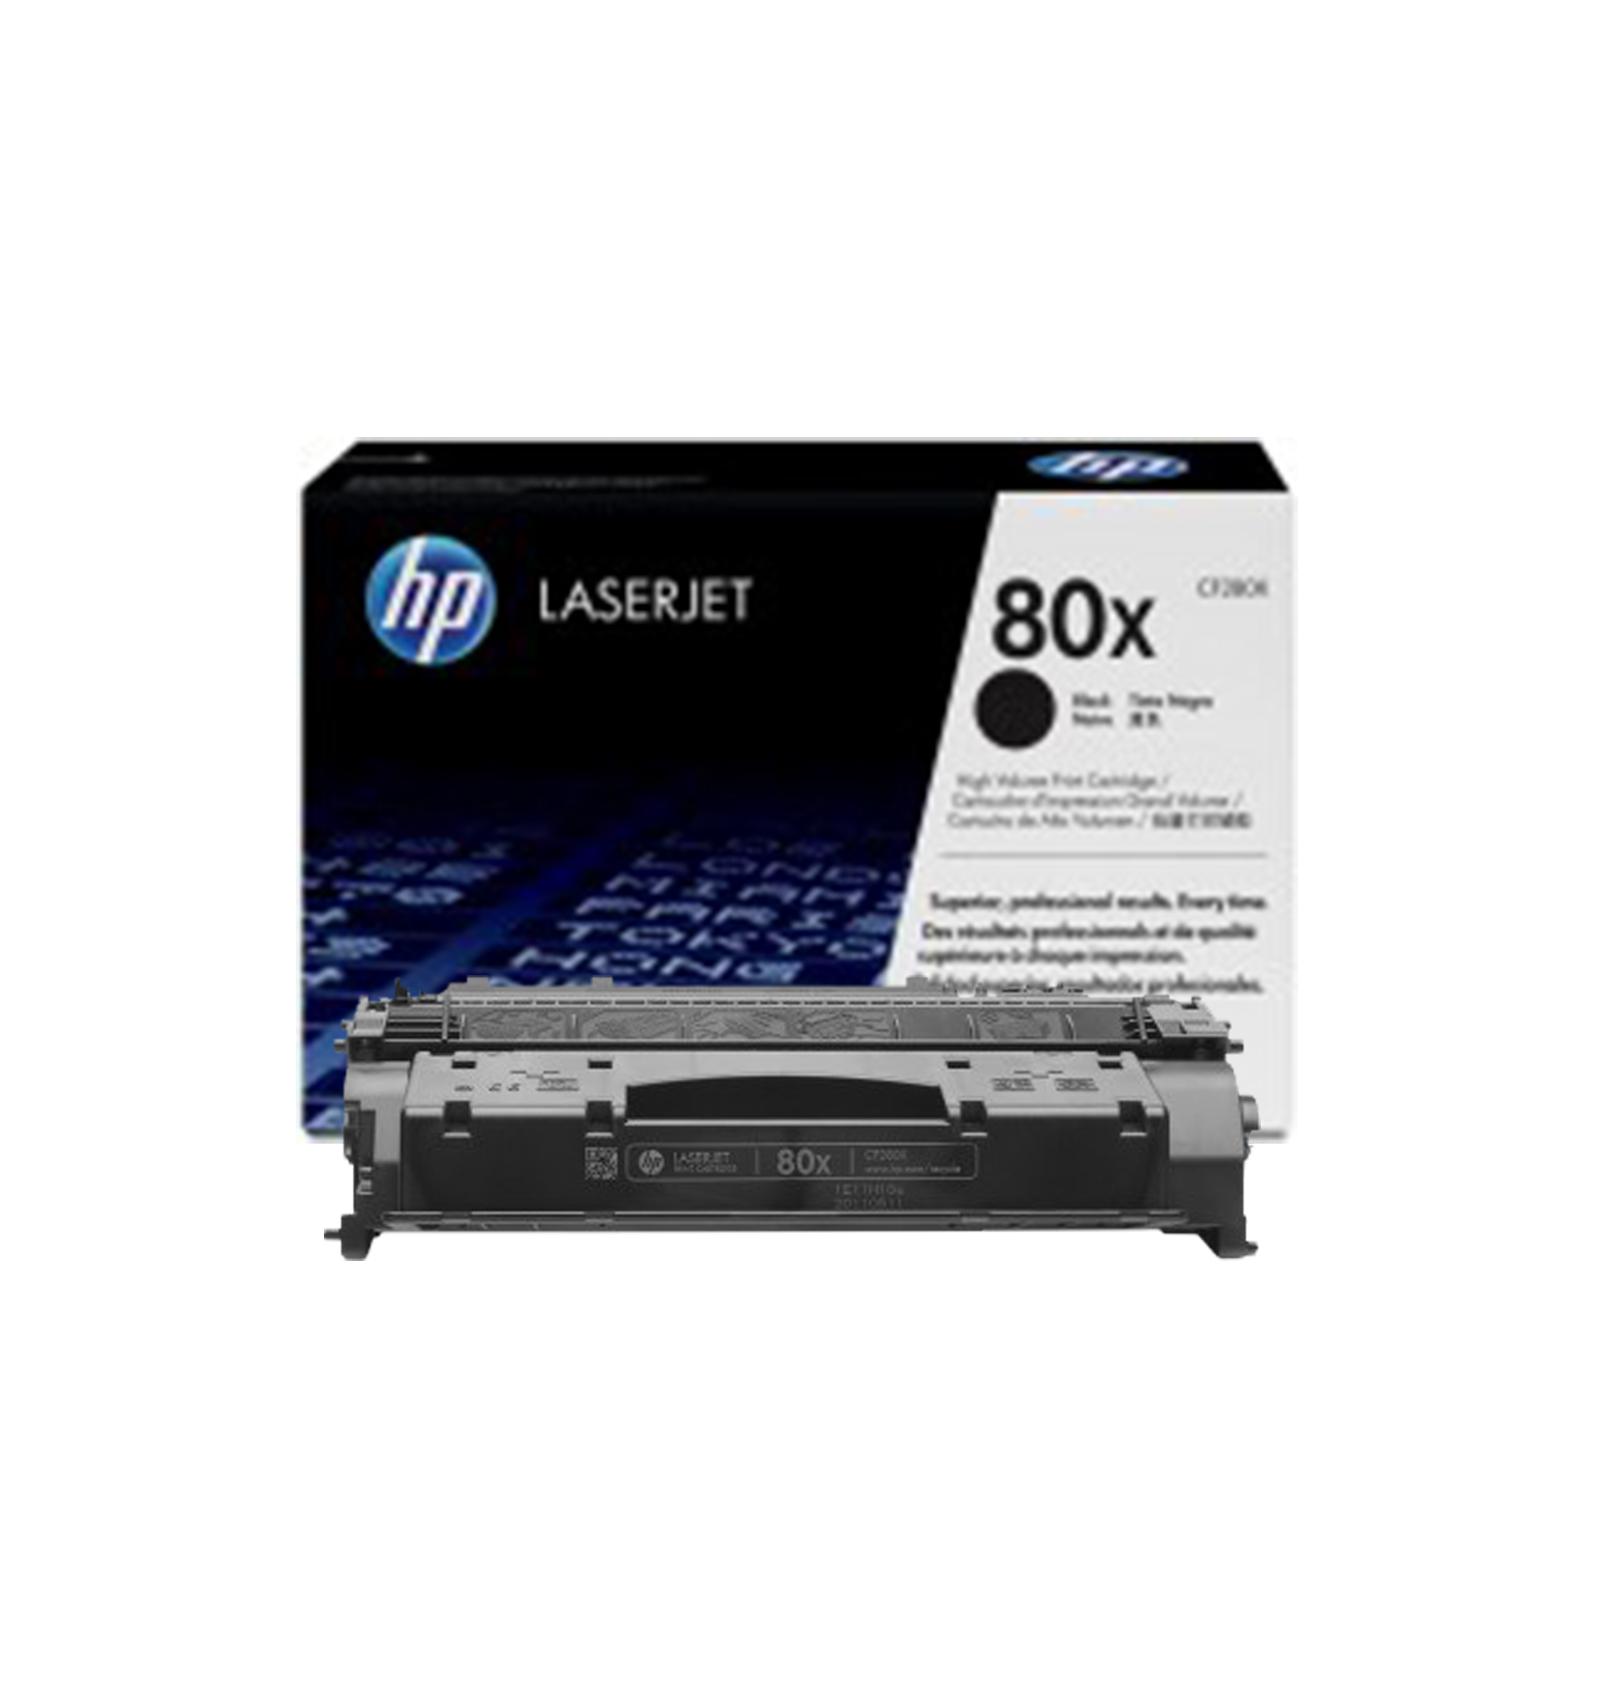 Заправка картриджей HP CF283X (83X) для HP LaserJet Pro M201/M225